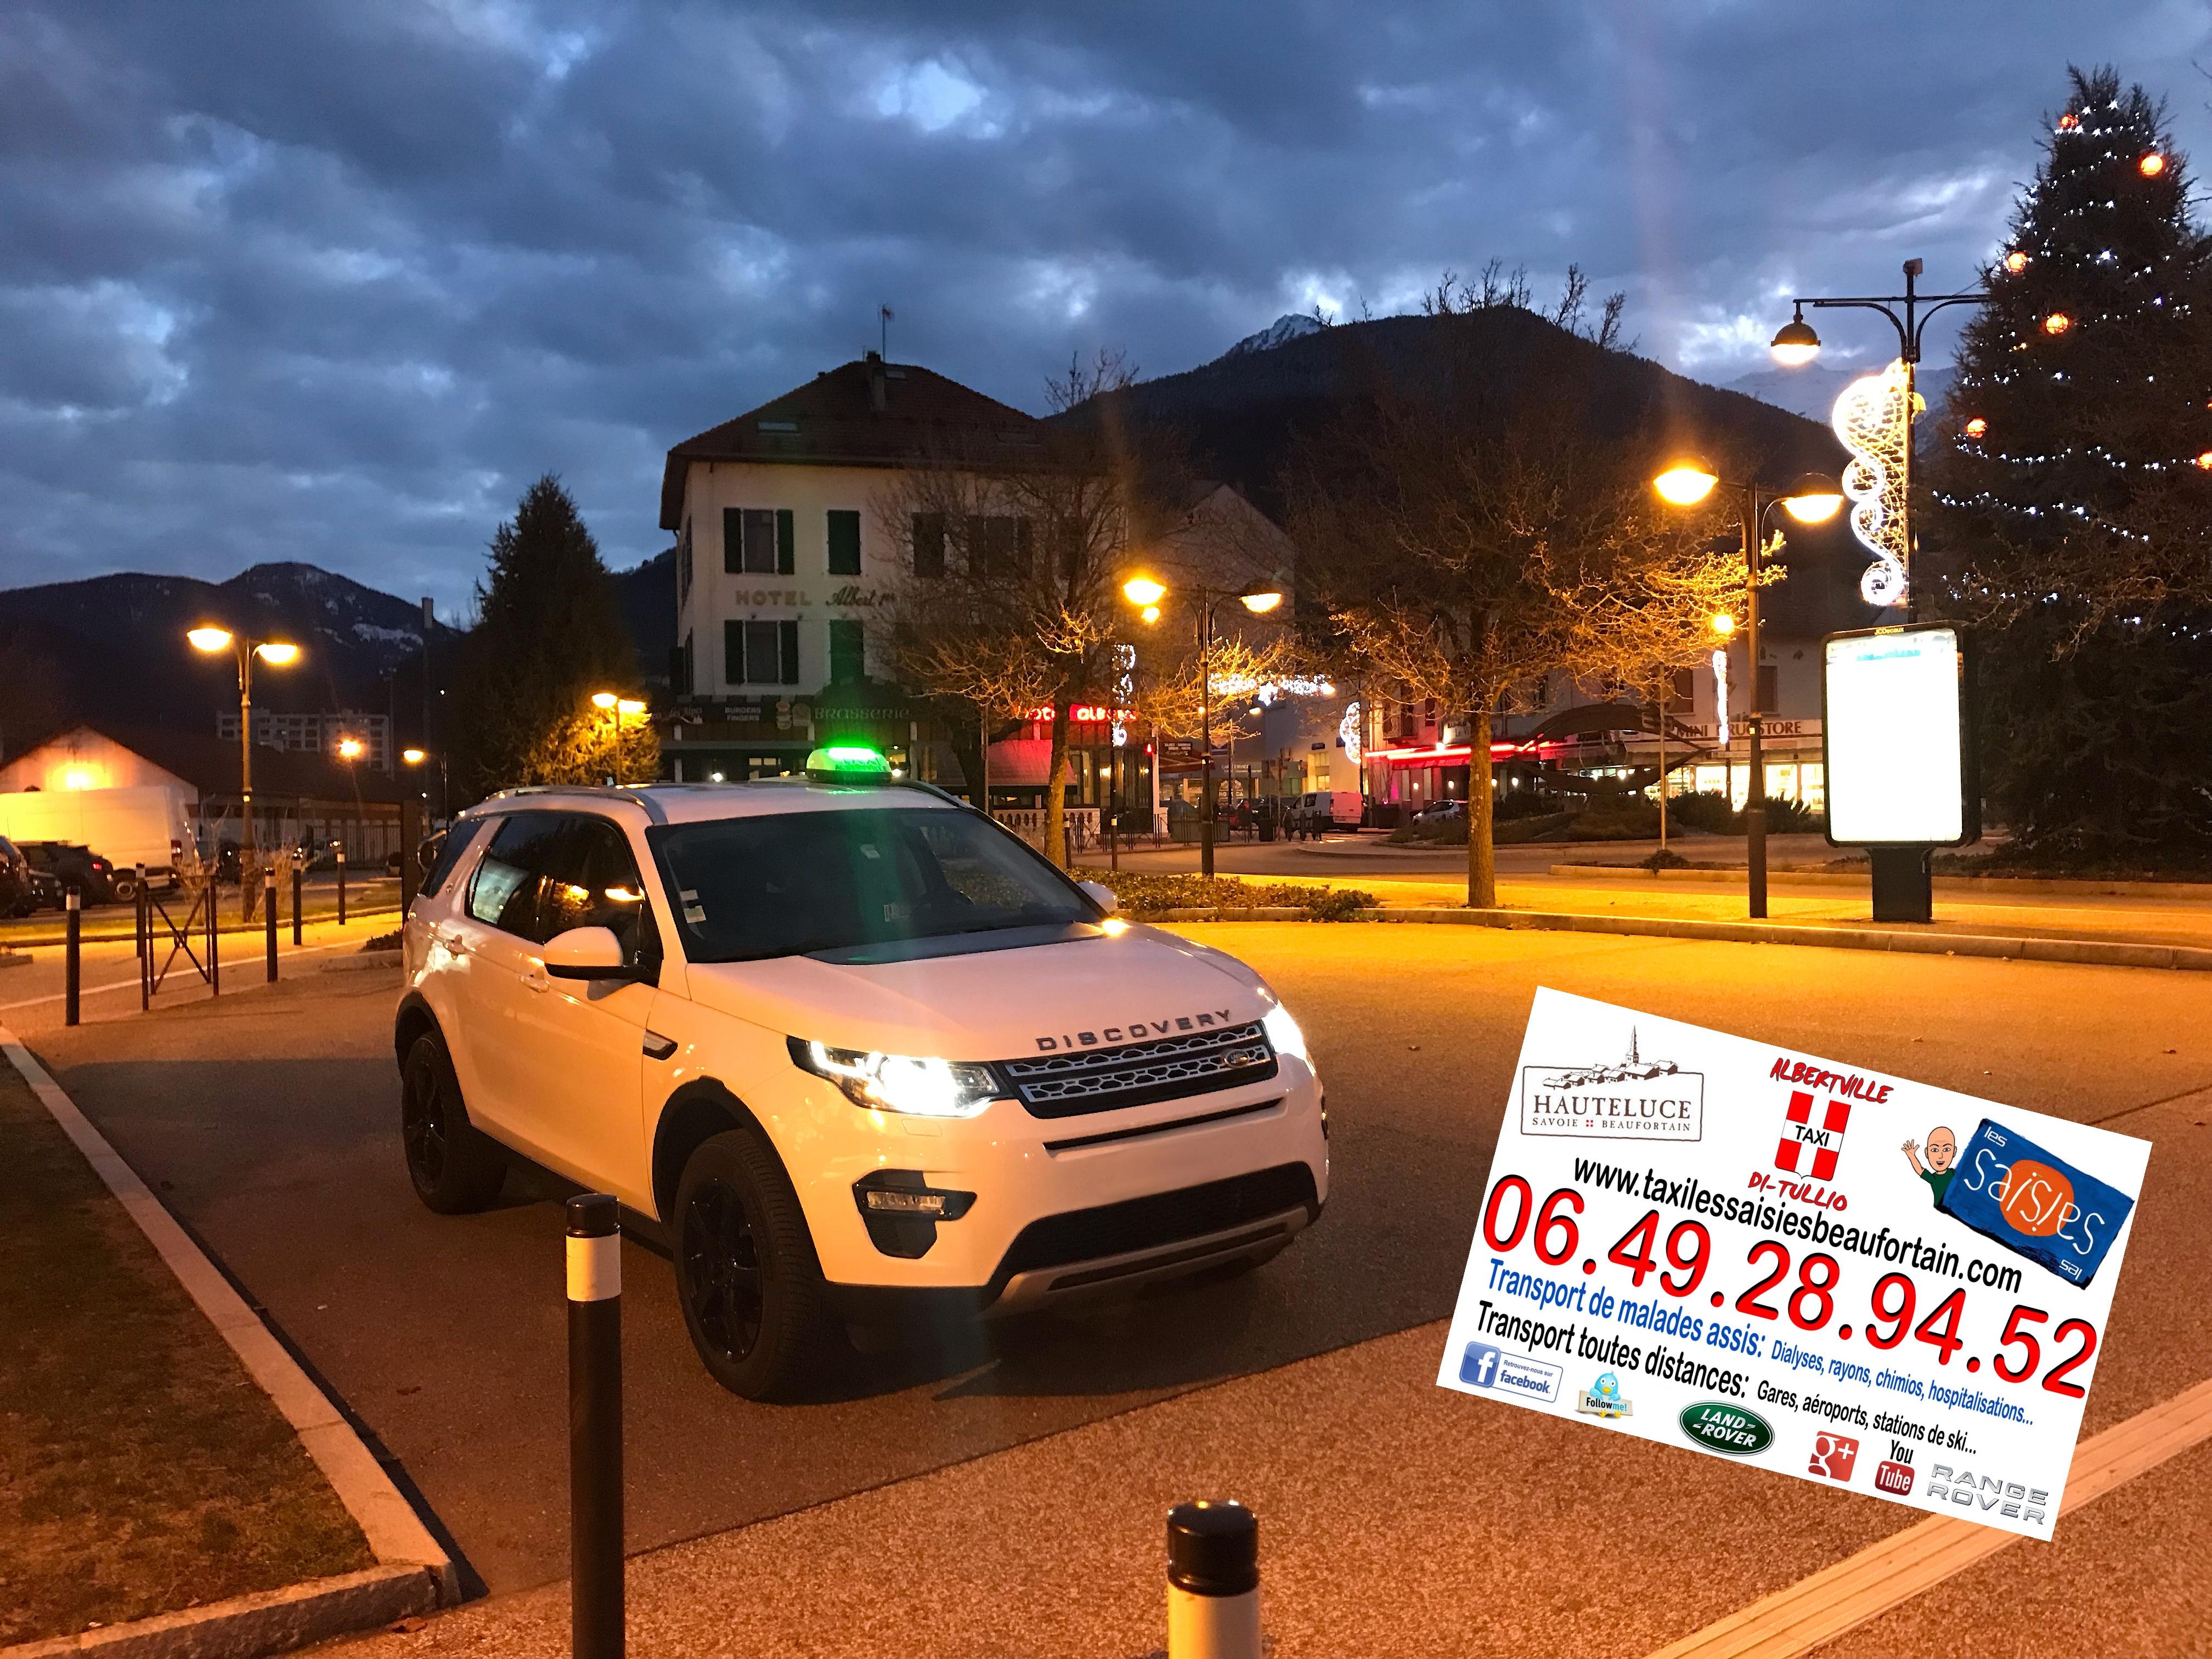 Taxi gare Albertville 06.49.28.94.52